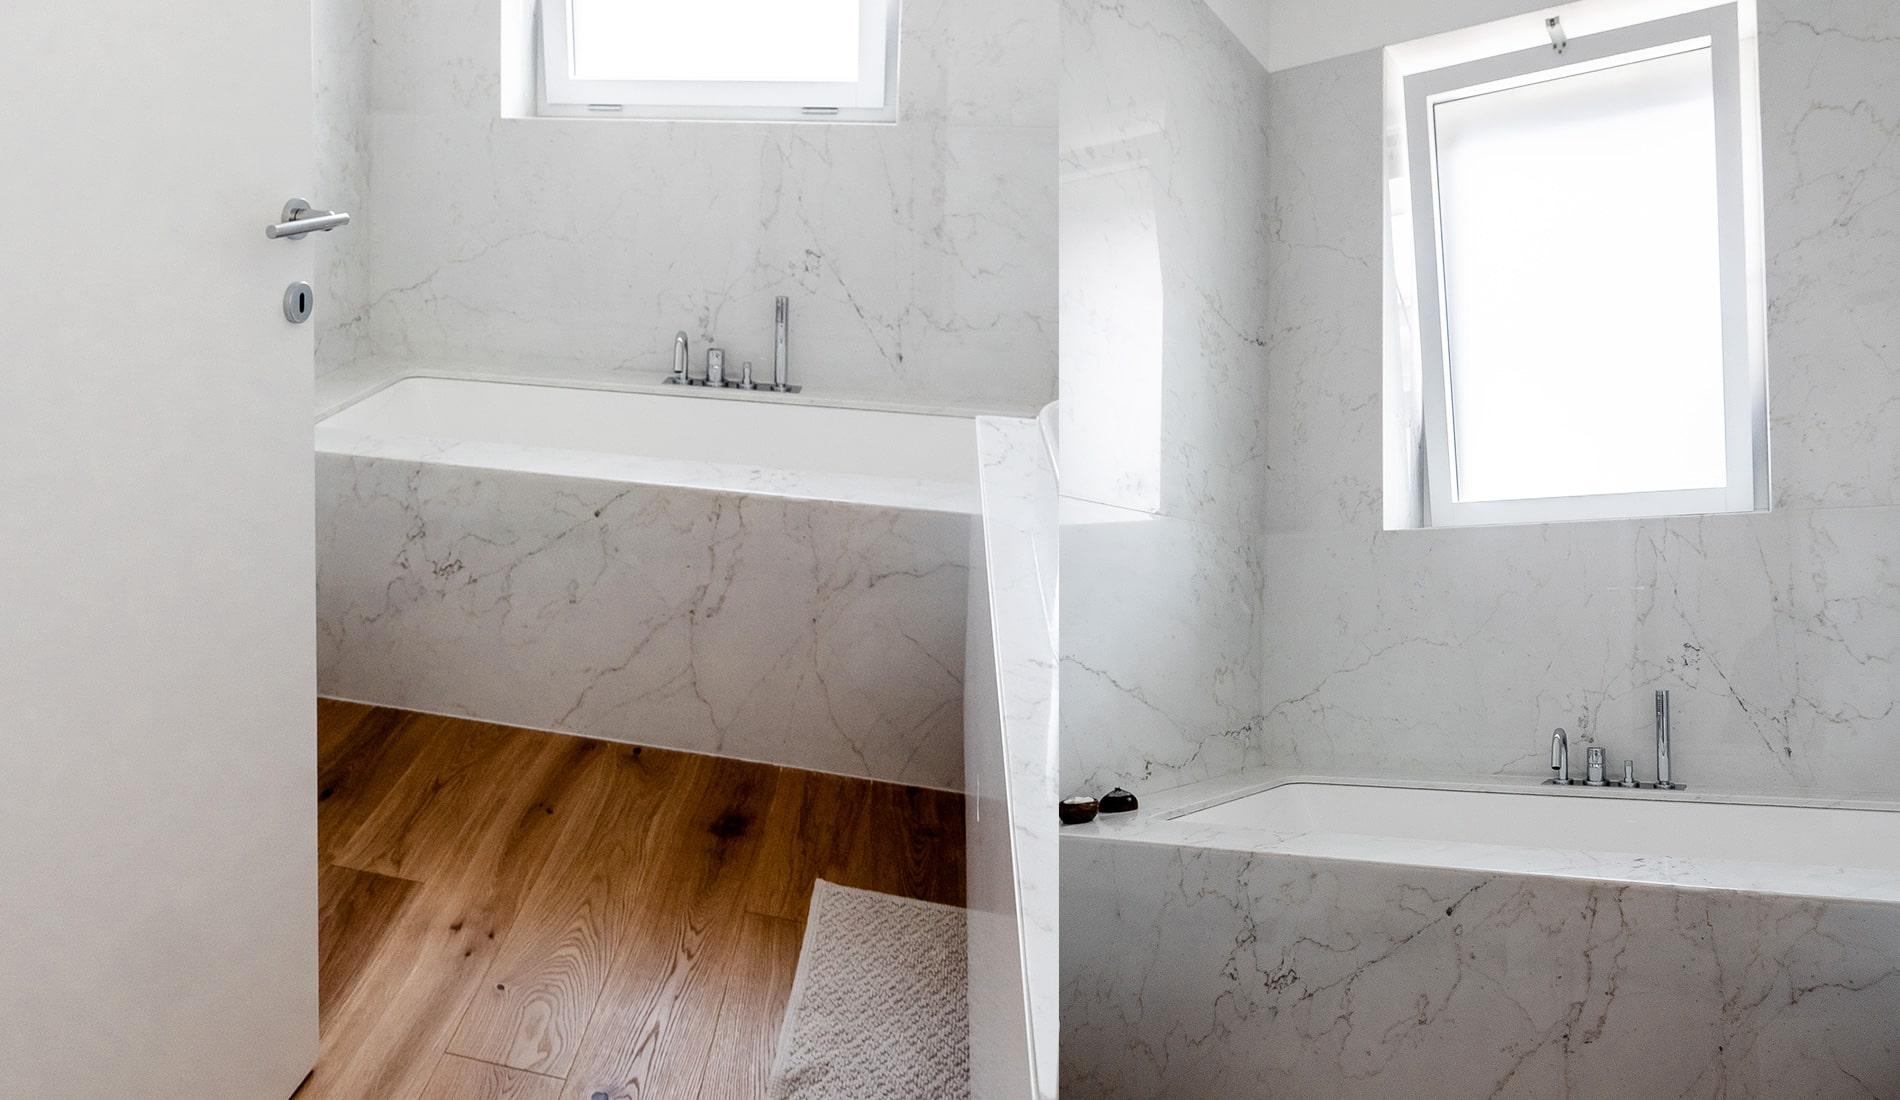 marmi-strada-bagni-in-marmo-naturale-lavelli-vasche-docce-rivestimenti-4